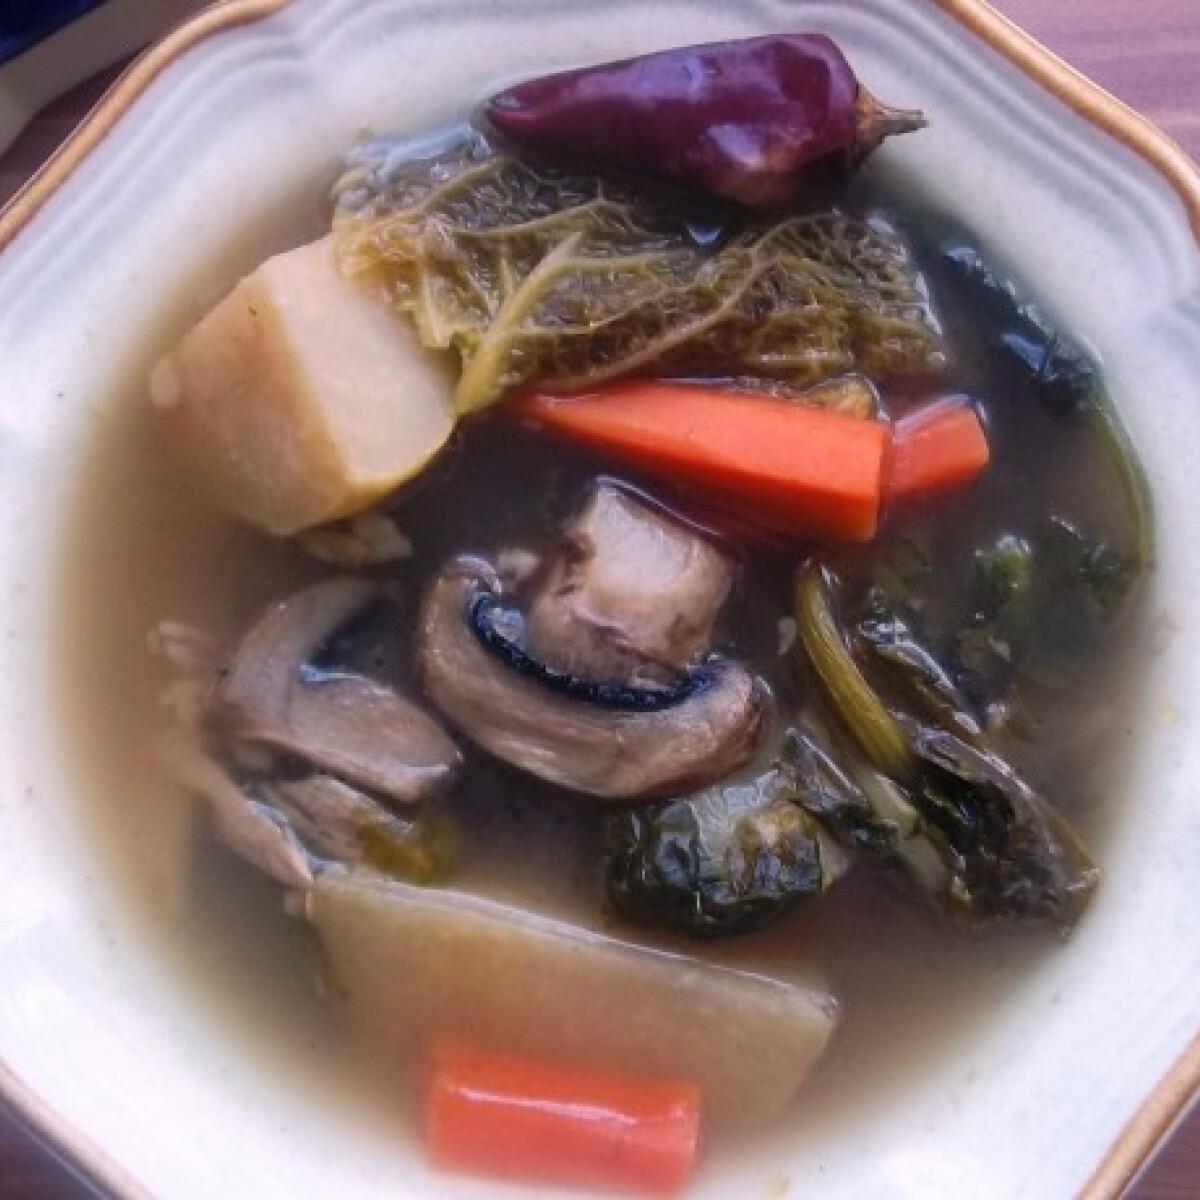 Ezen a képen: Csontleves húsos csontból és velőscsontból sok zöldséggel